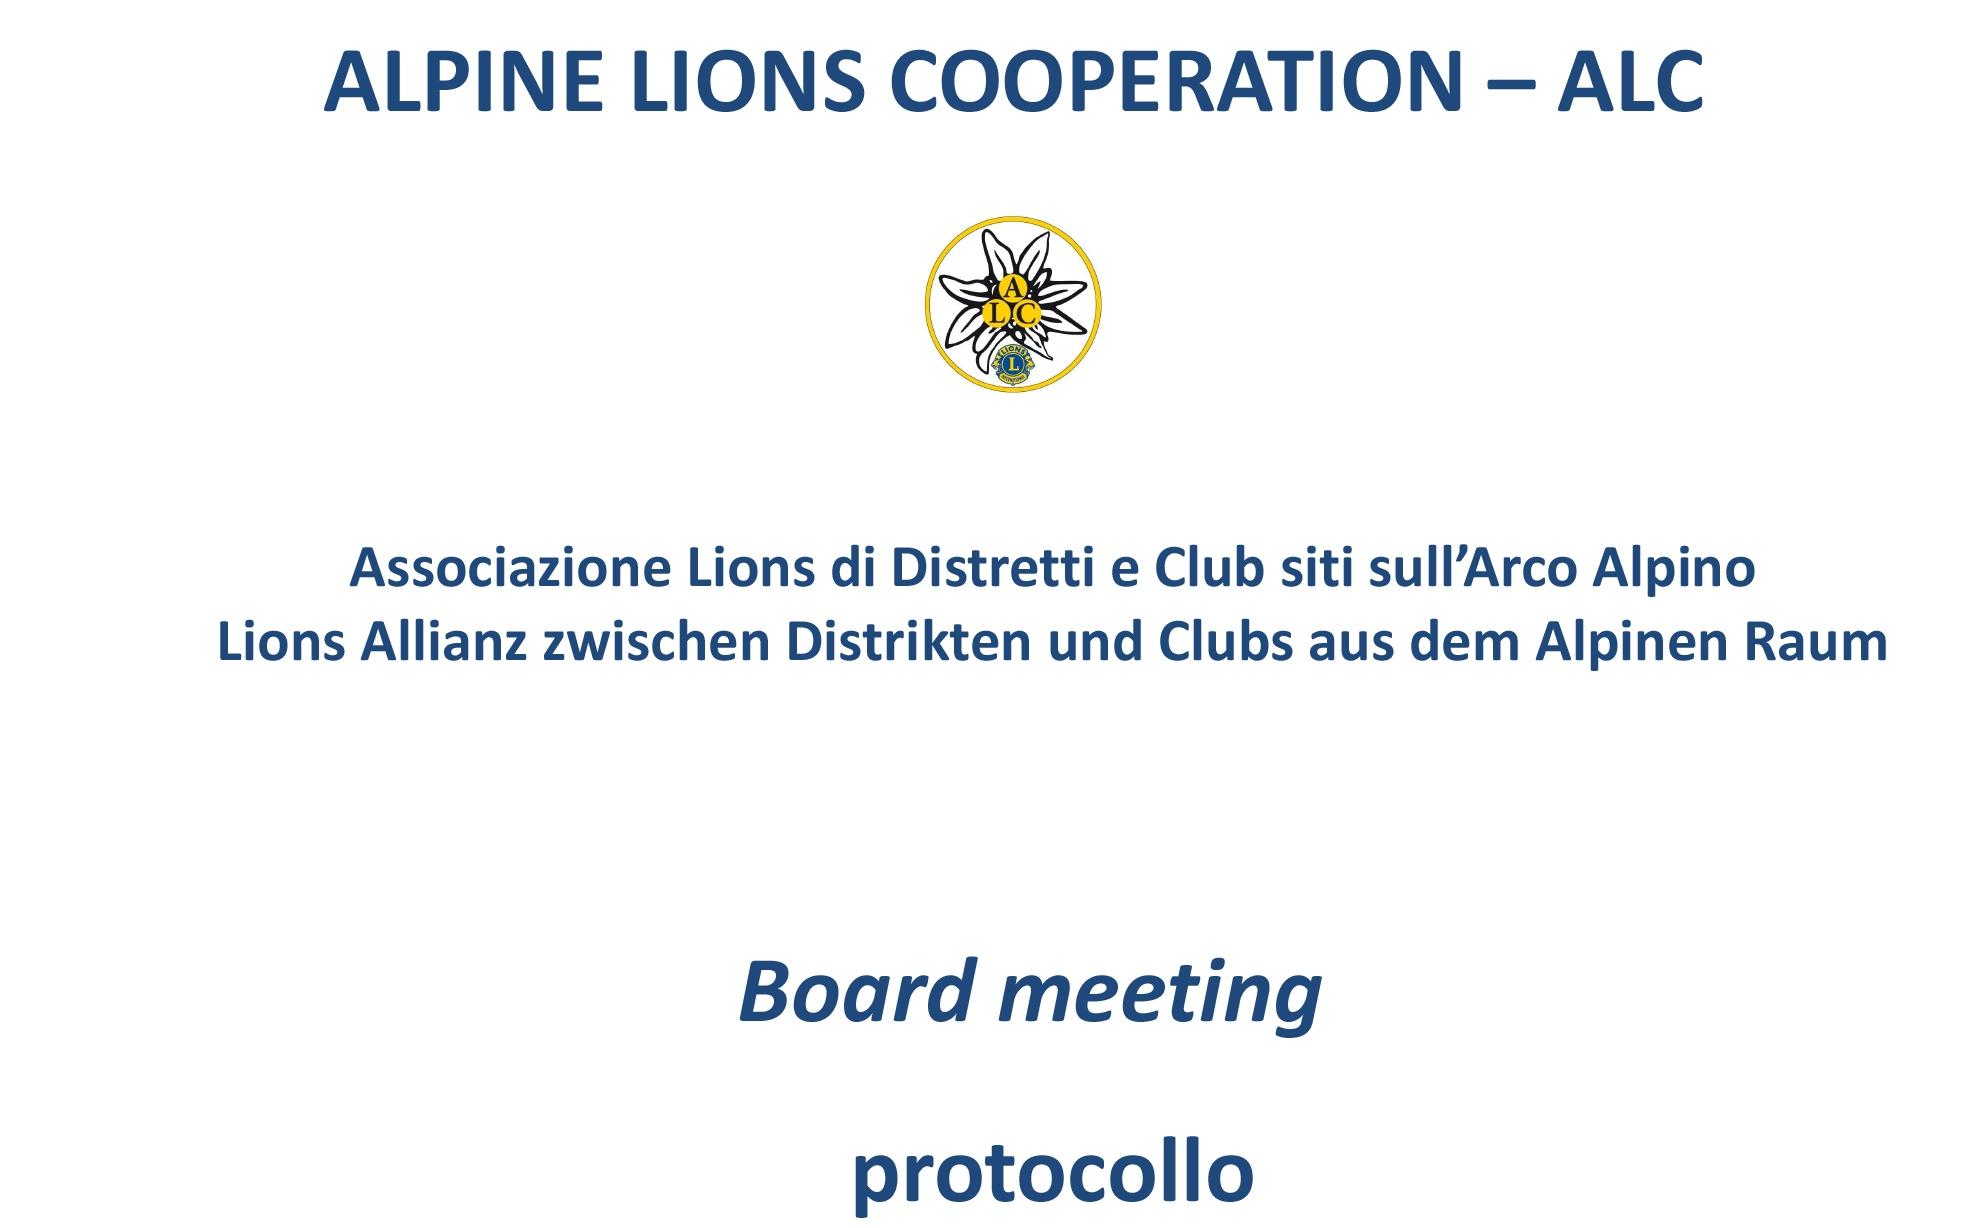 ALPINE LIONS COOPERATION – ALC: Definizione Protocollo